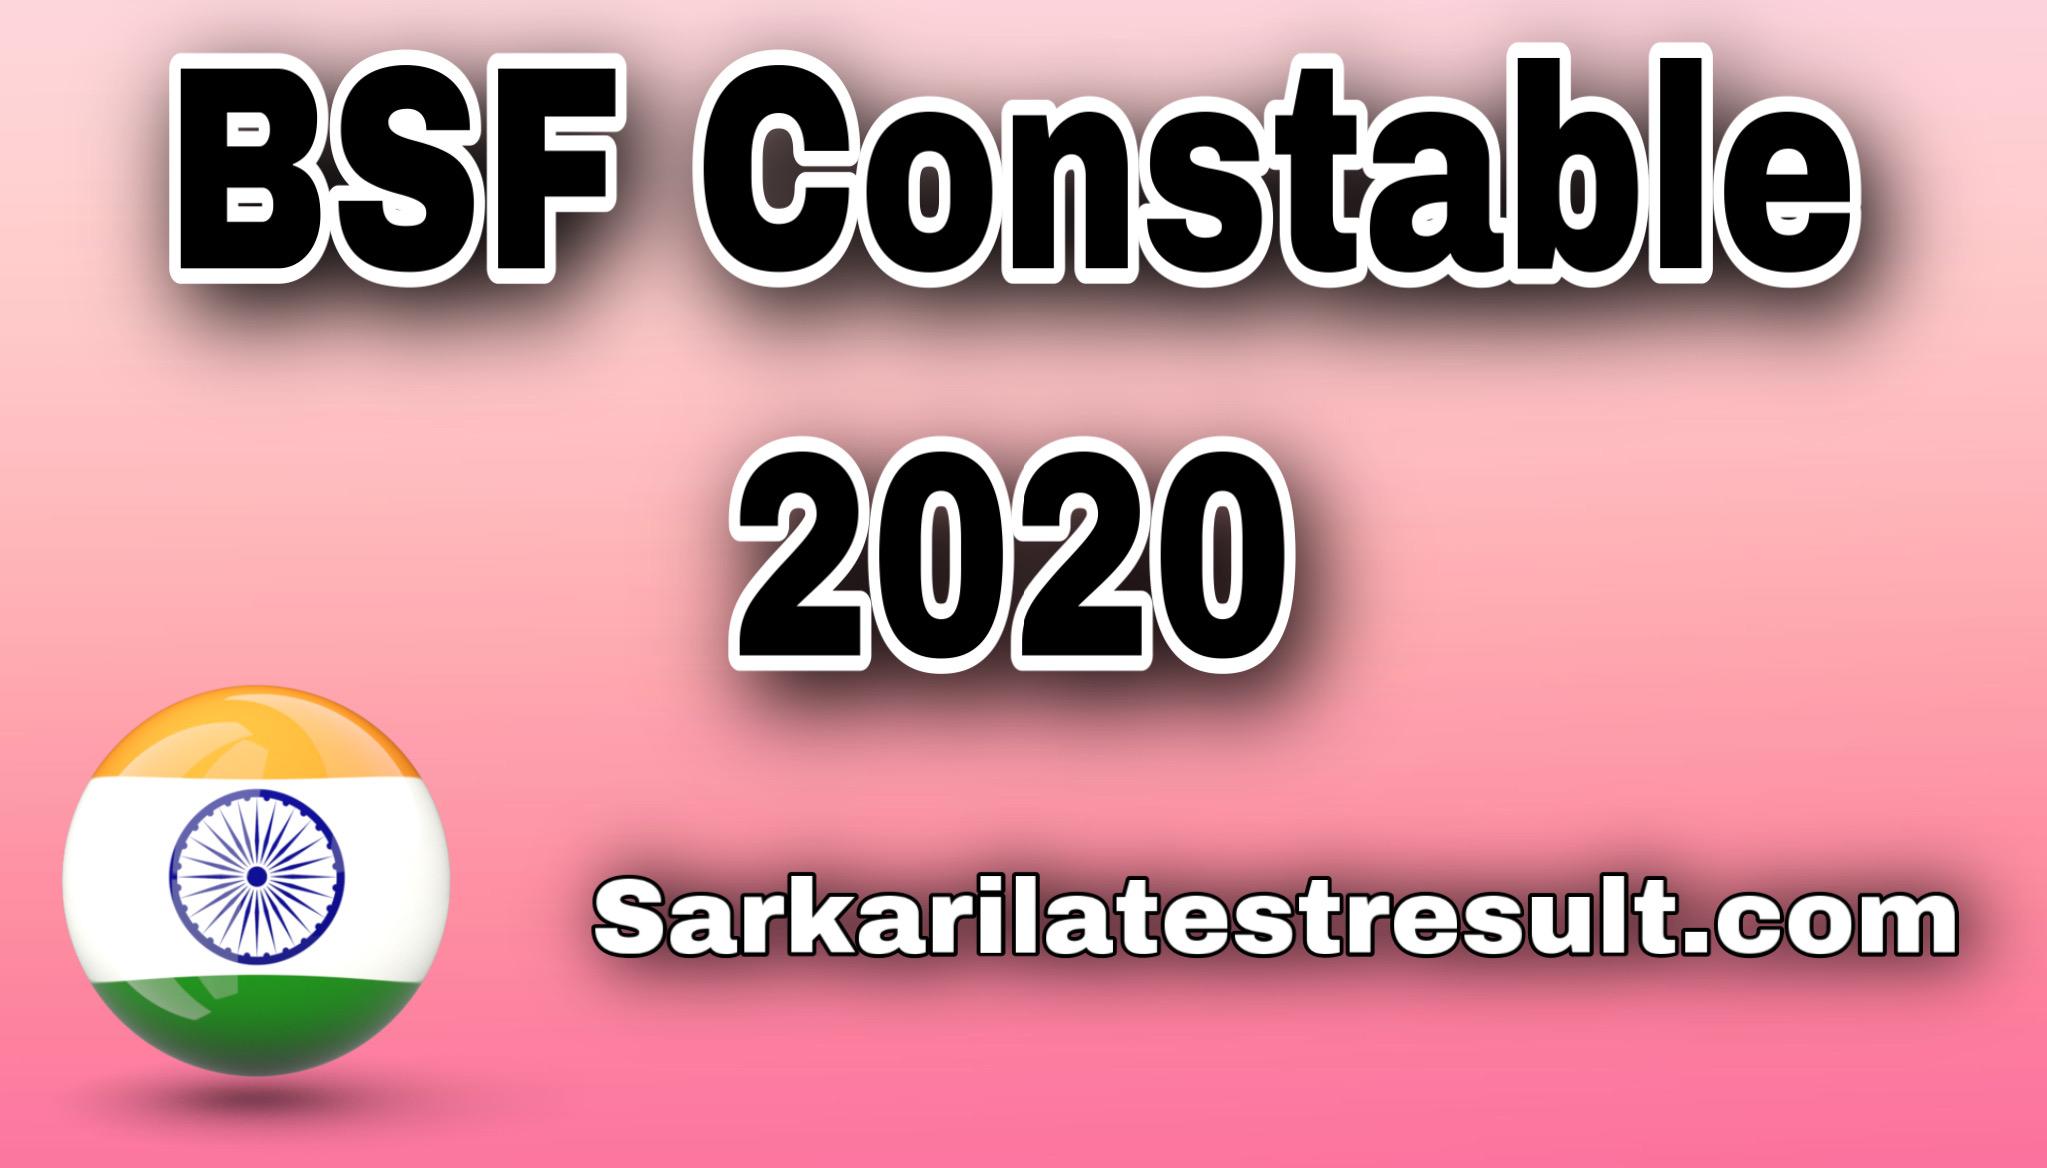 BSF Constable Tradesman Online Form 2020